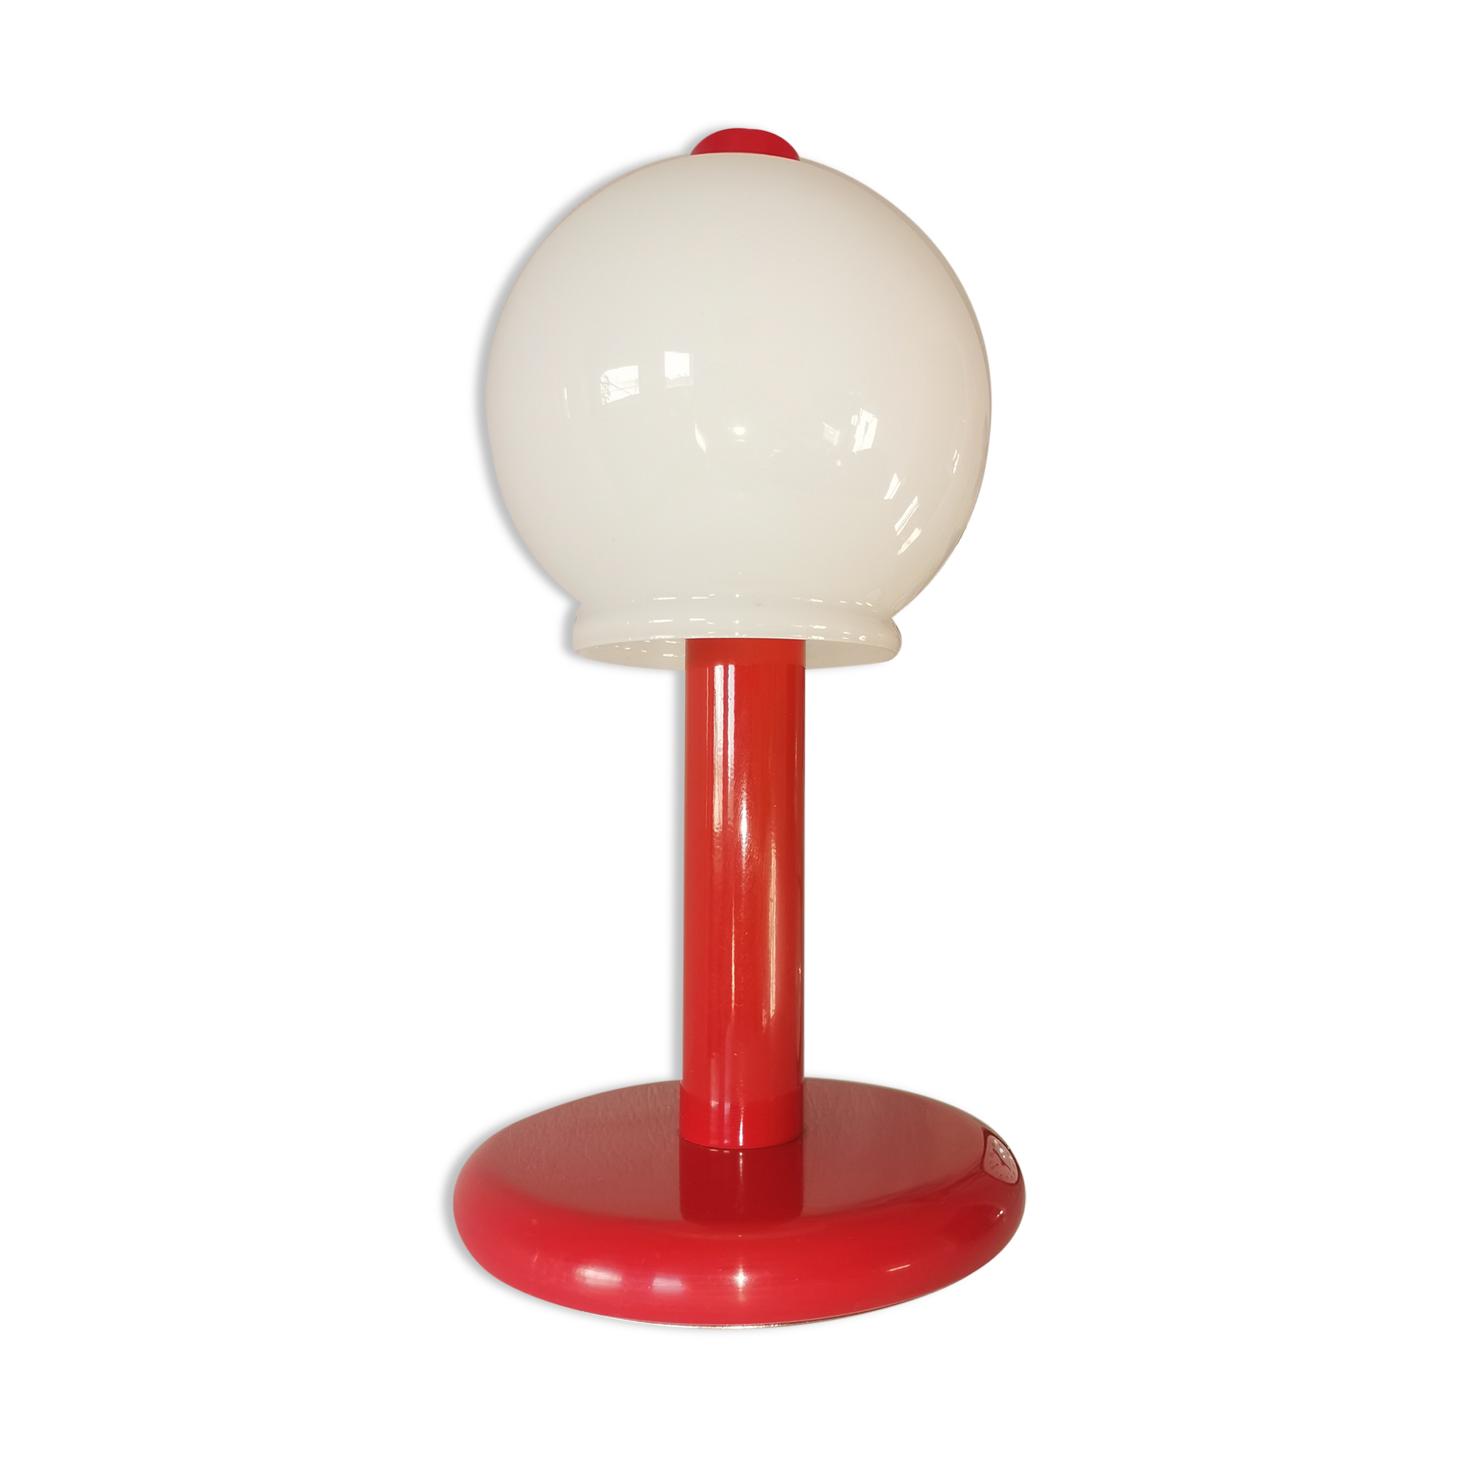 Lampe champignon en acier laqué et opaline, bubble gum, space age, 1970